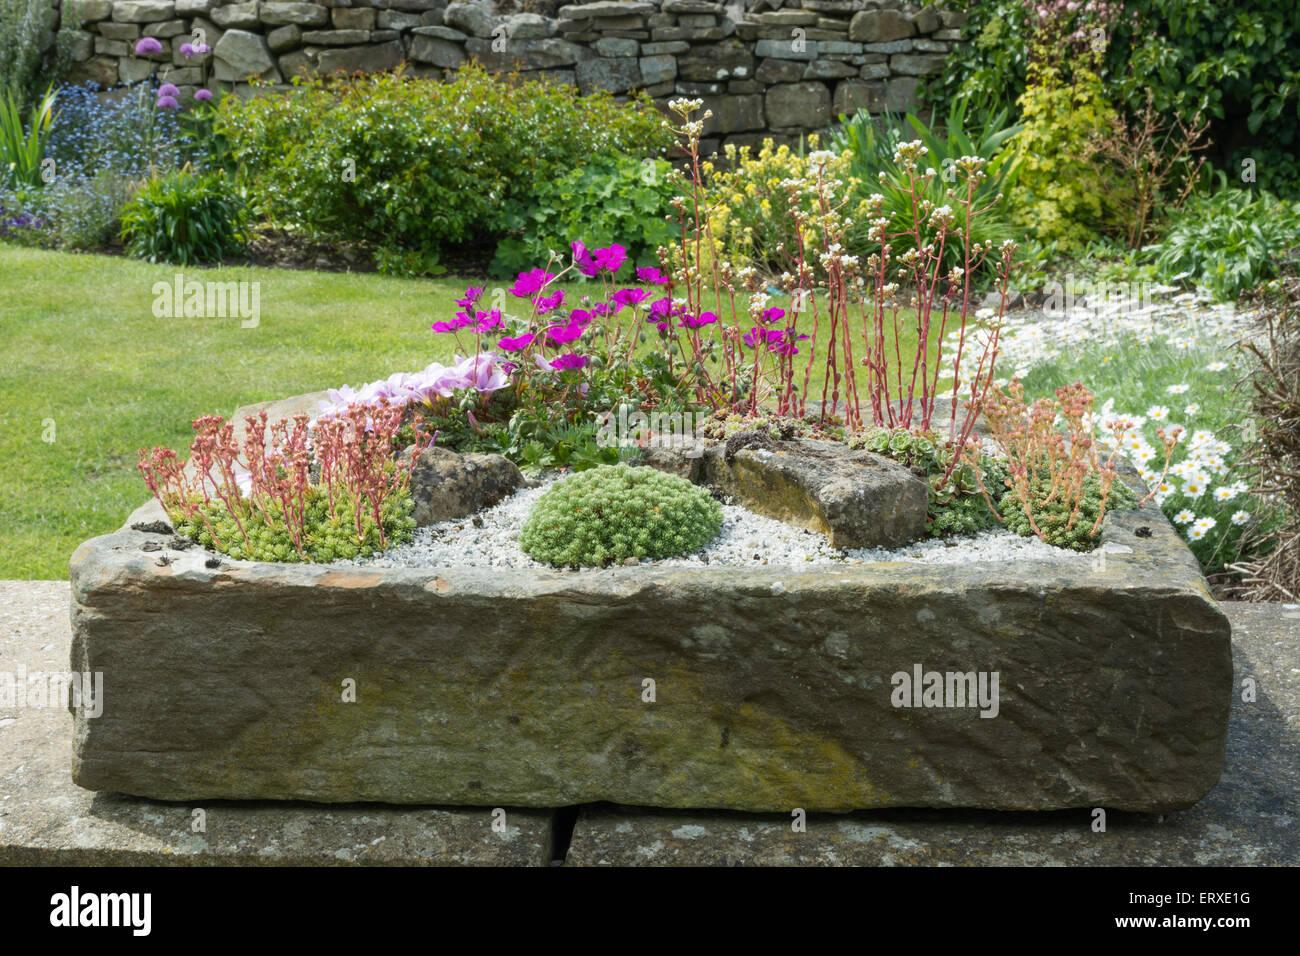 alpines gepflanzt in einem stein garten waschbecken stockfoto bild 83560332 alamy. Black Bedroom Furniture Sets. Home Design Ideas